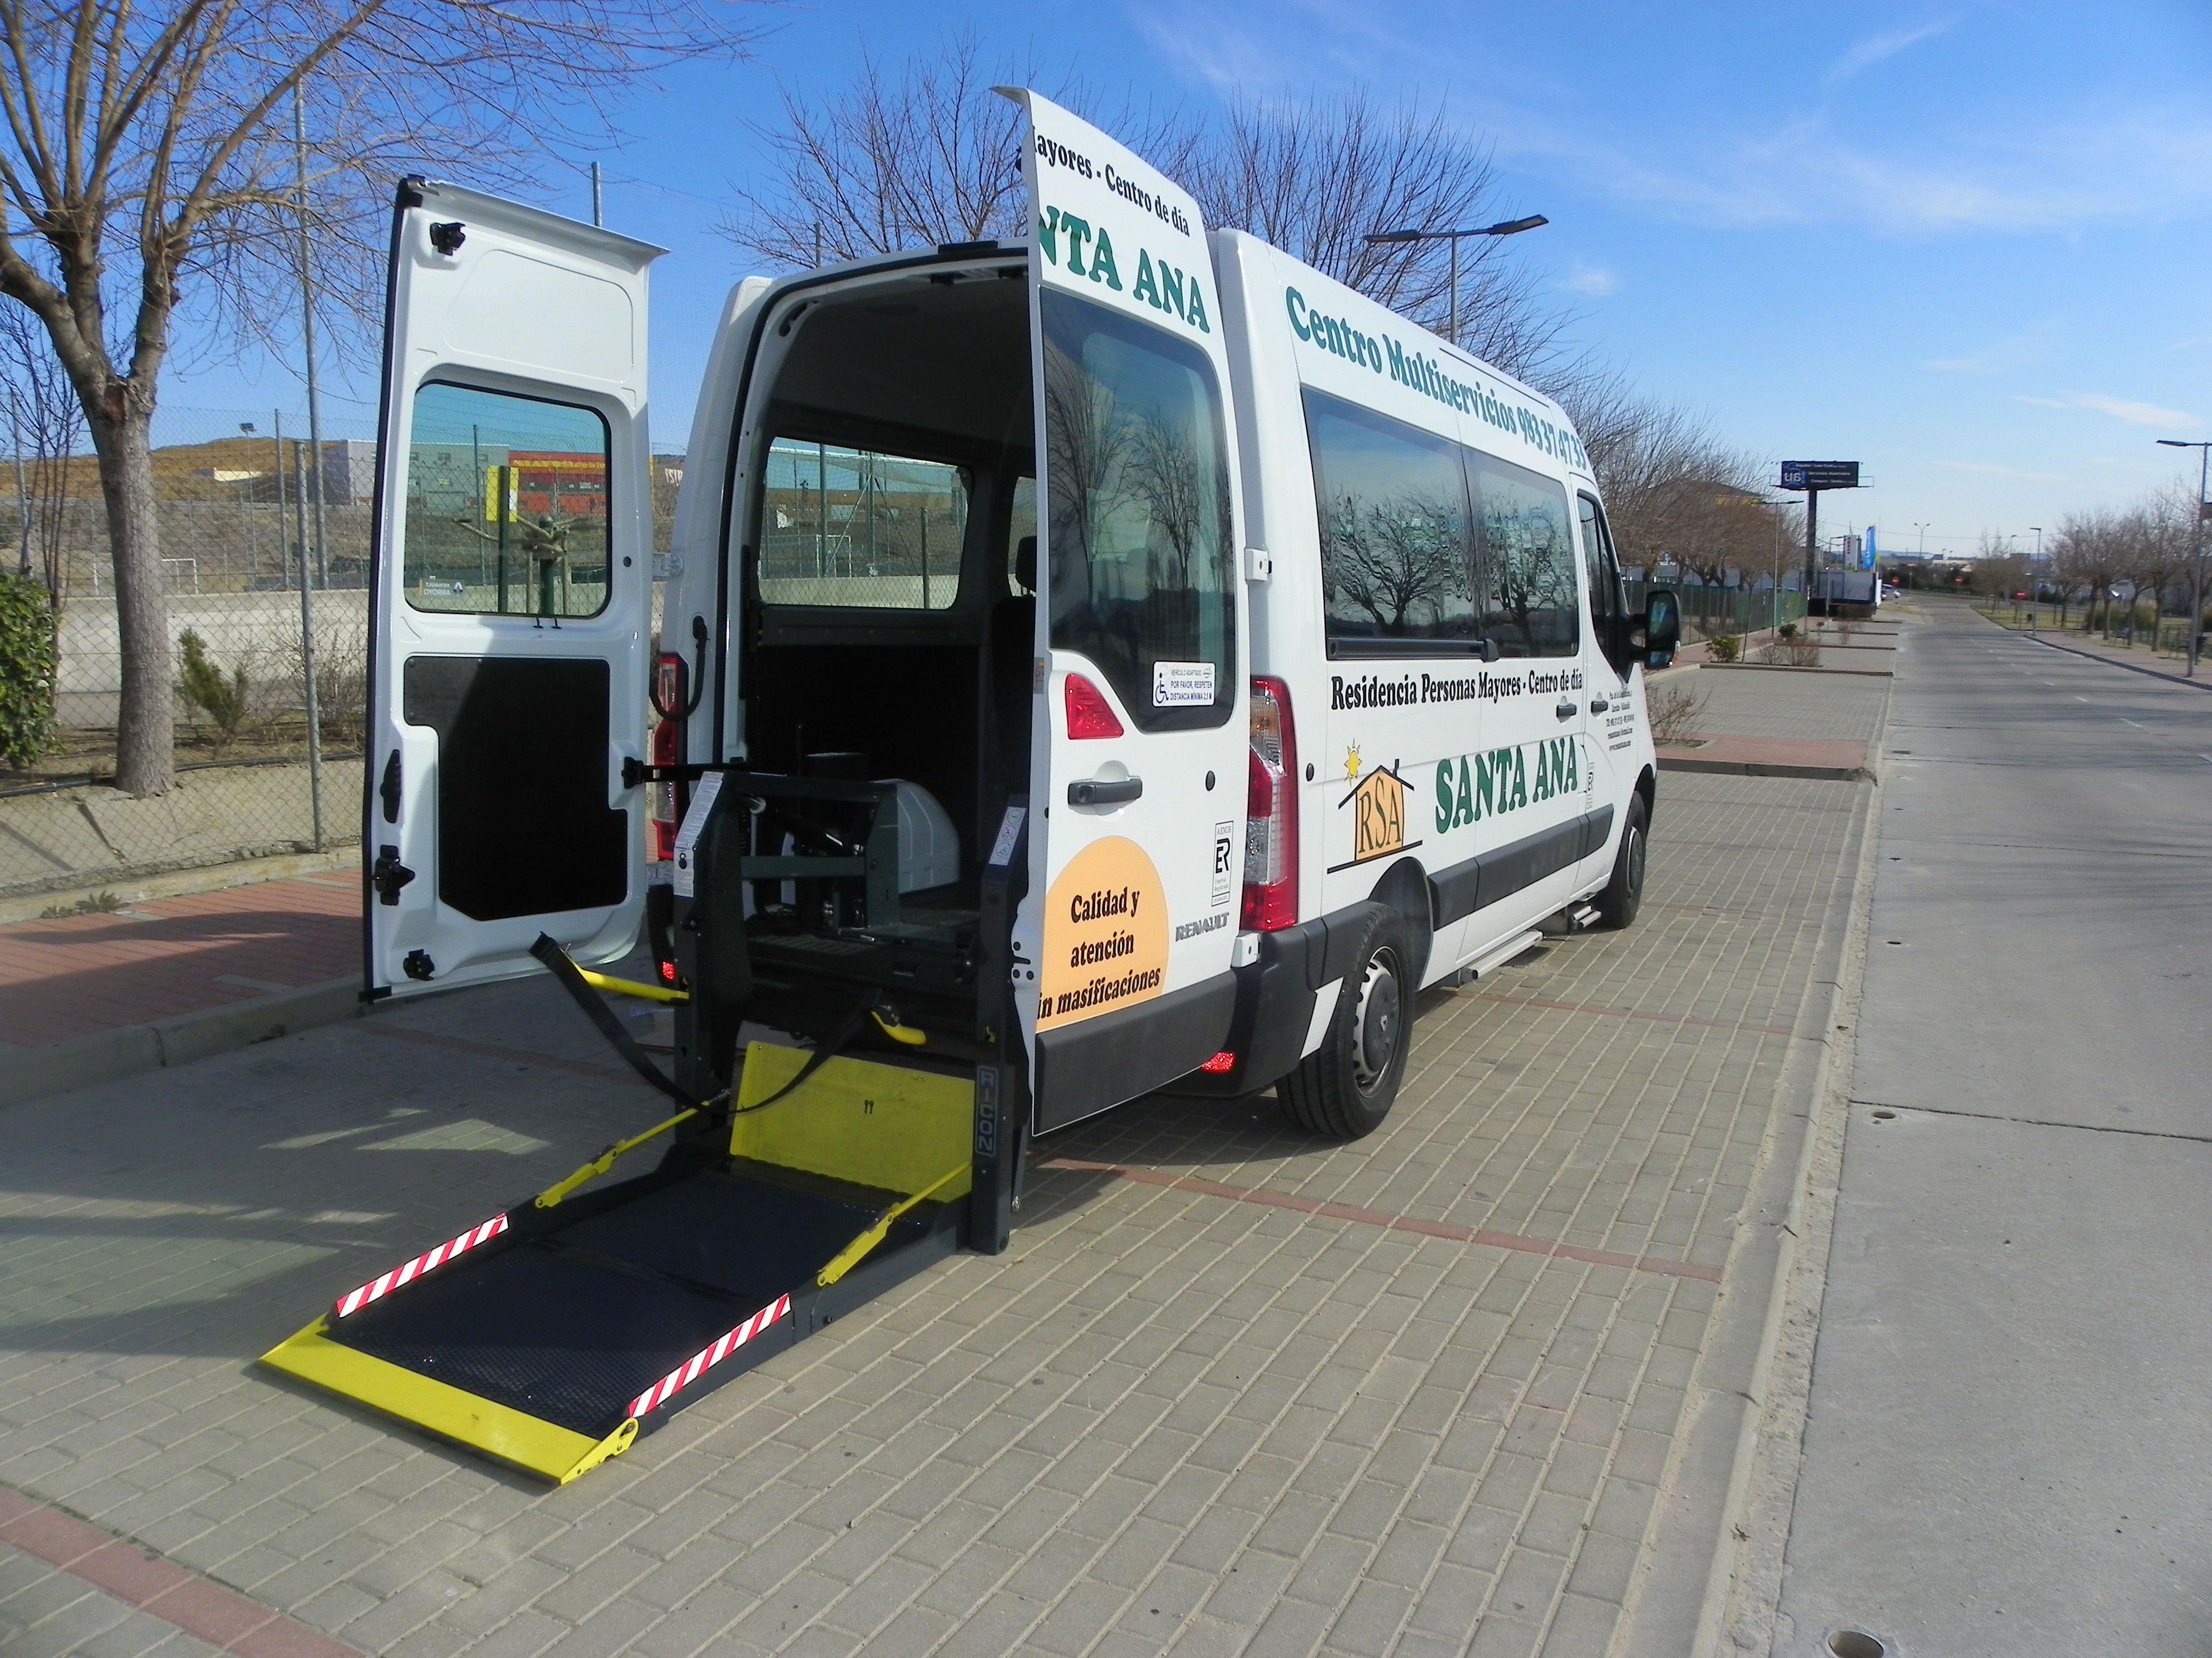 Transporte adaptado: Servicios de Residencia para Personas Mayores Santa Ana